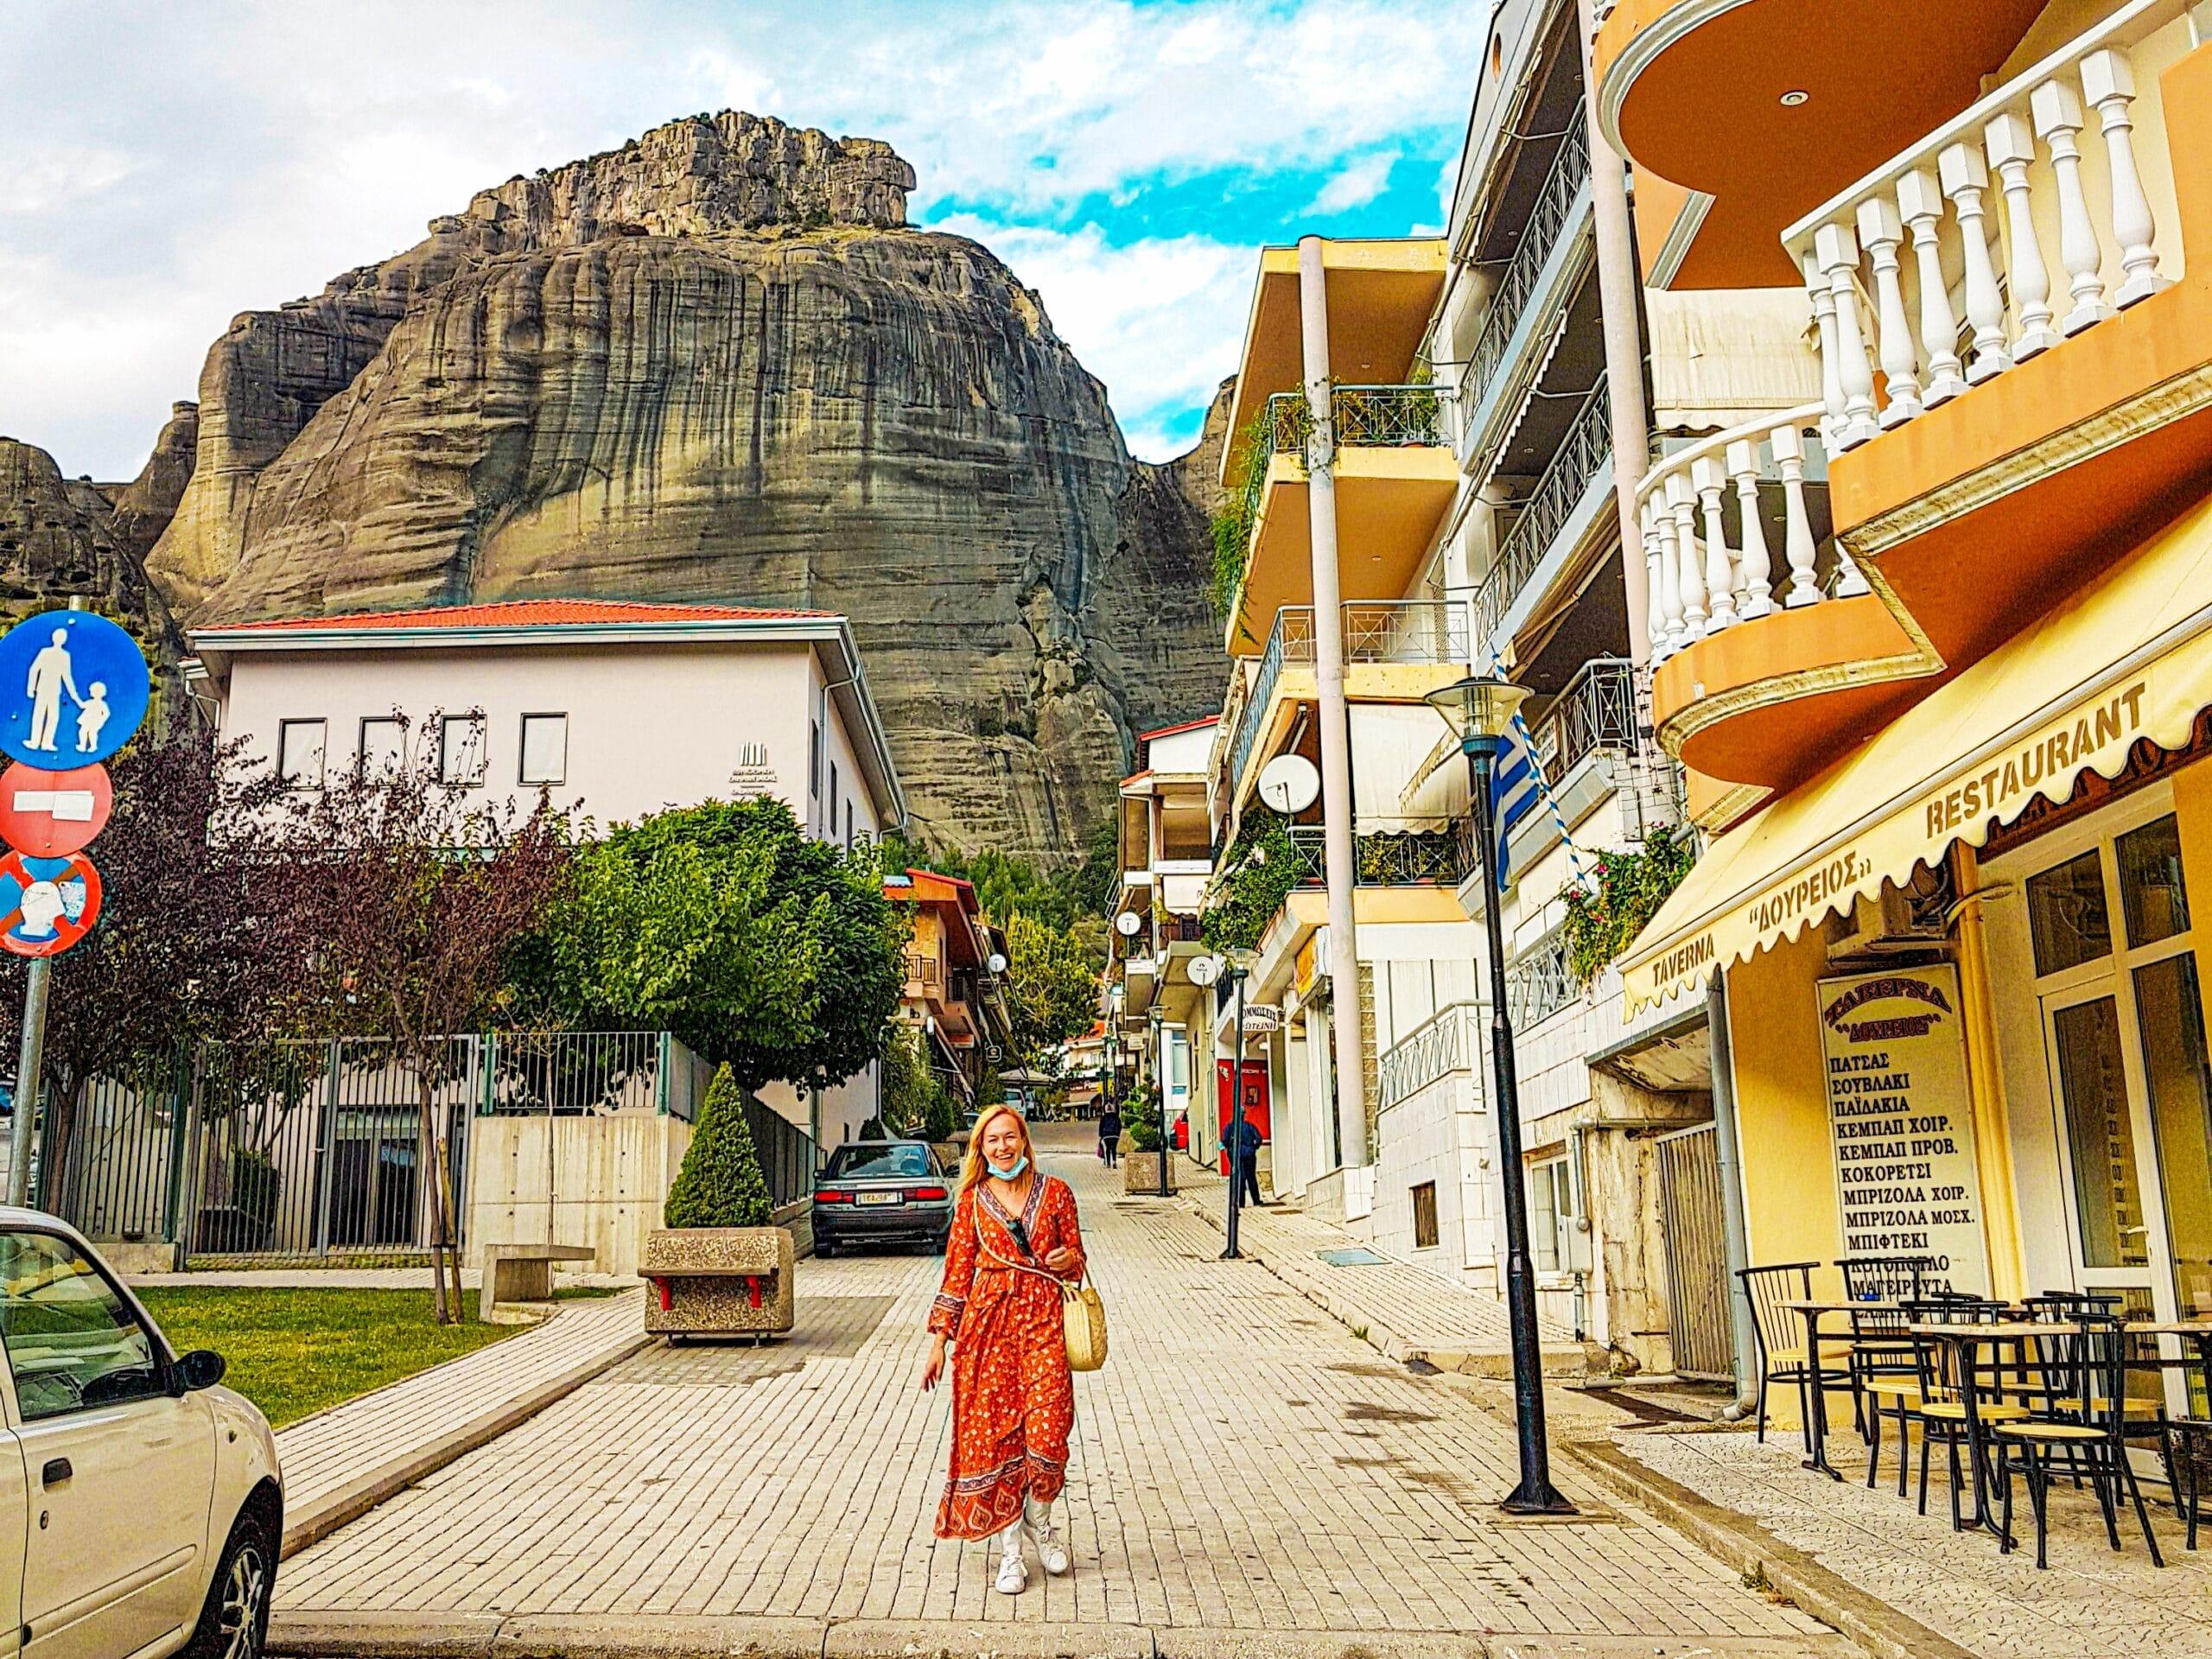 Llegando a la estación de autobuses de Kalambaka, una de las formas como llegar a los monasterios de Meteora desde Atenas